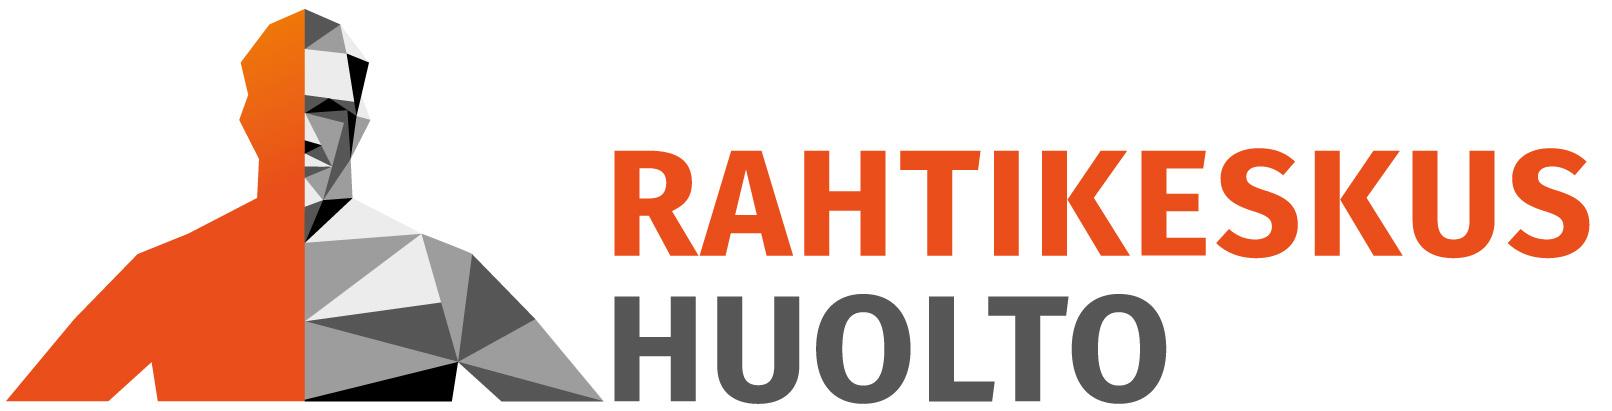 Rahtikeskus_huolto_logo_vaaka